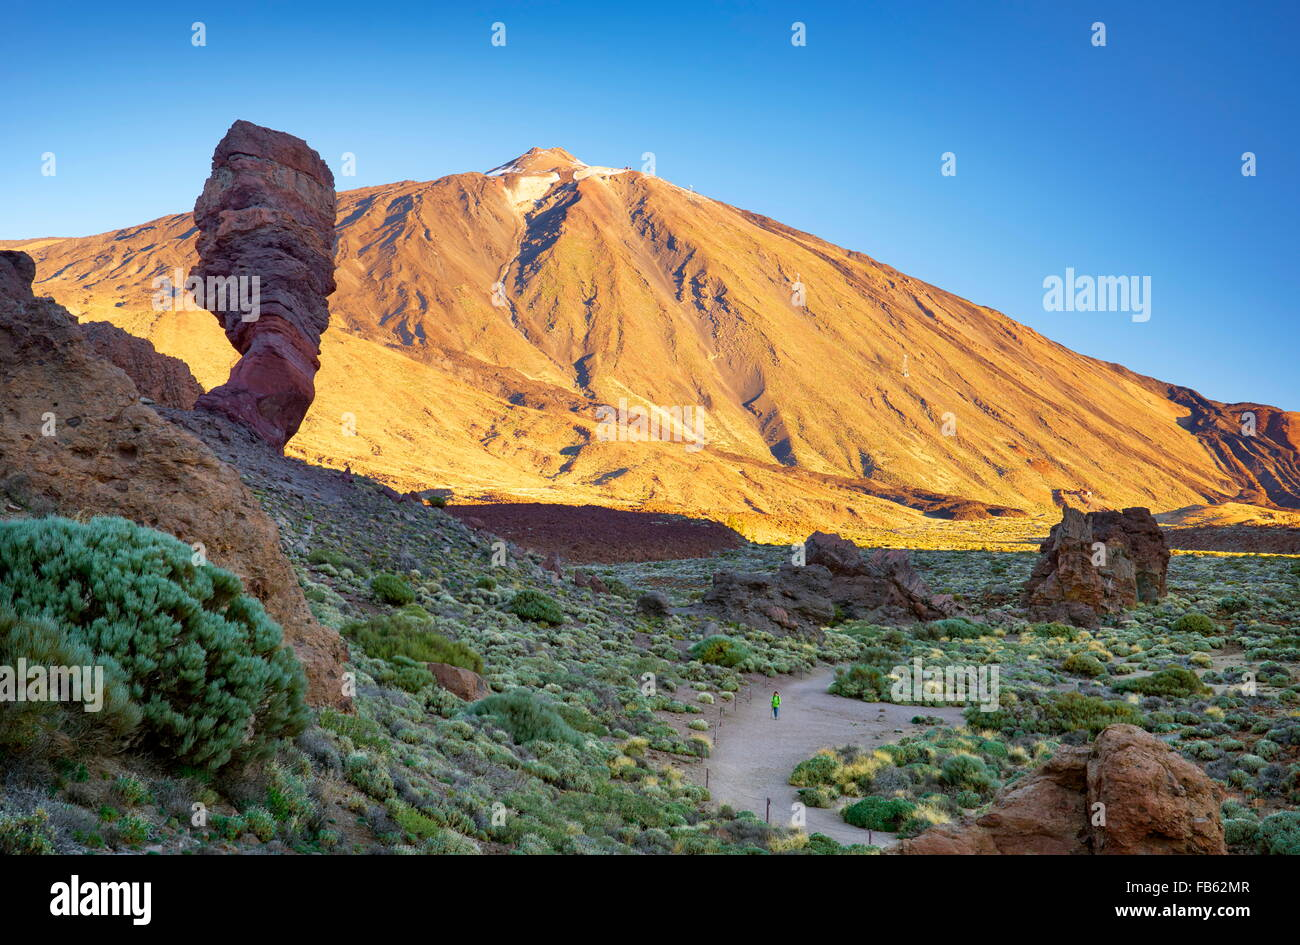 Il monte Teide e Los Roques de Garcia, Parco Nazionale di Teide Isole Canarie, Tenerife, Spagna Immagini Stock